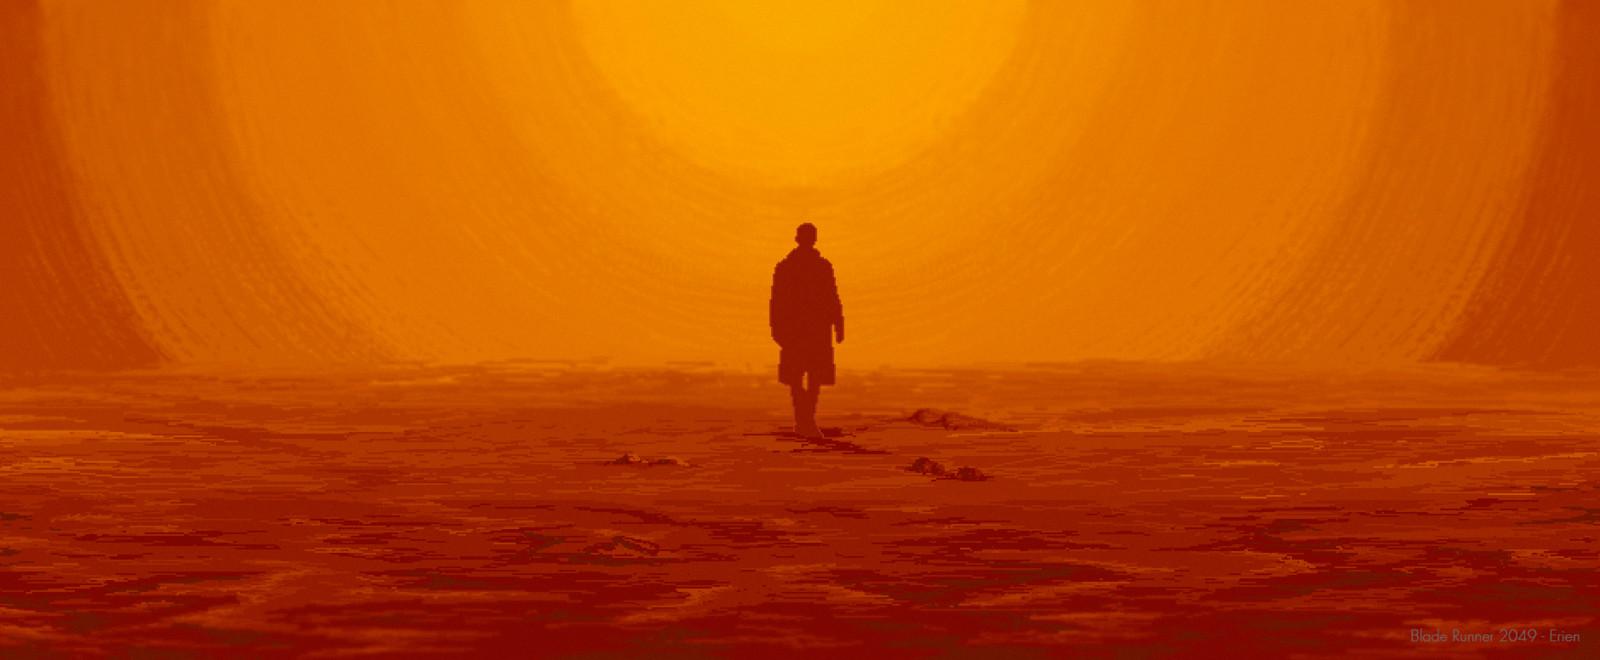 Pixel fanart #11 // Blade Runner 2049